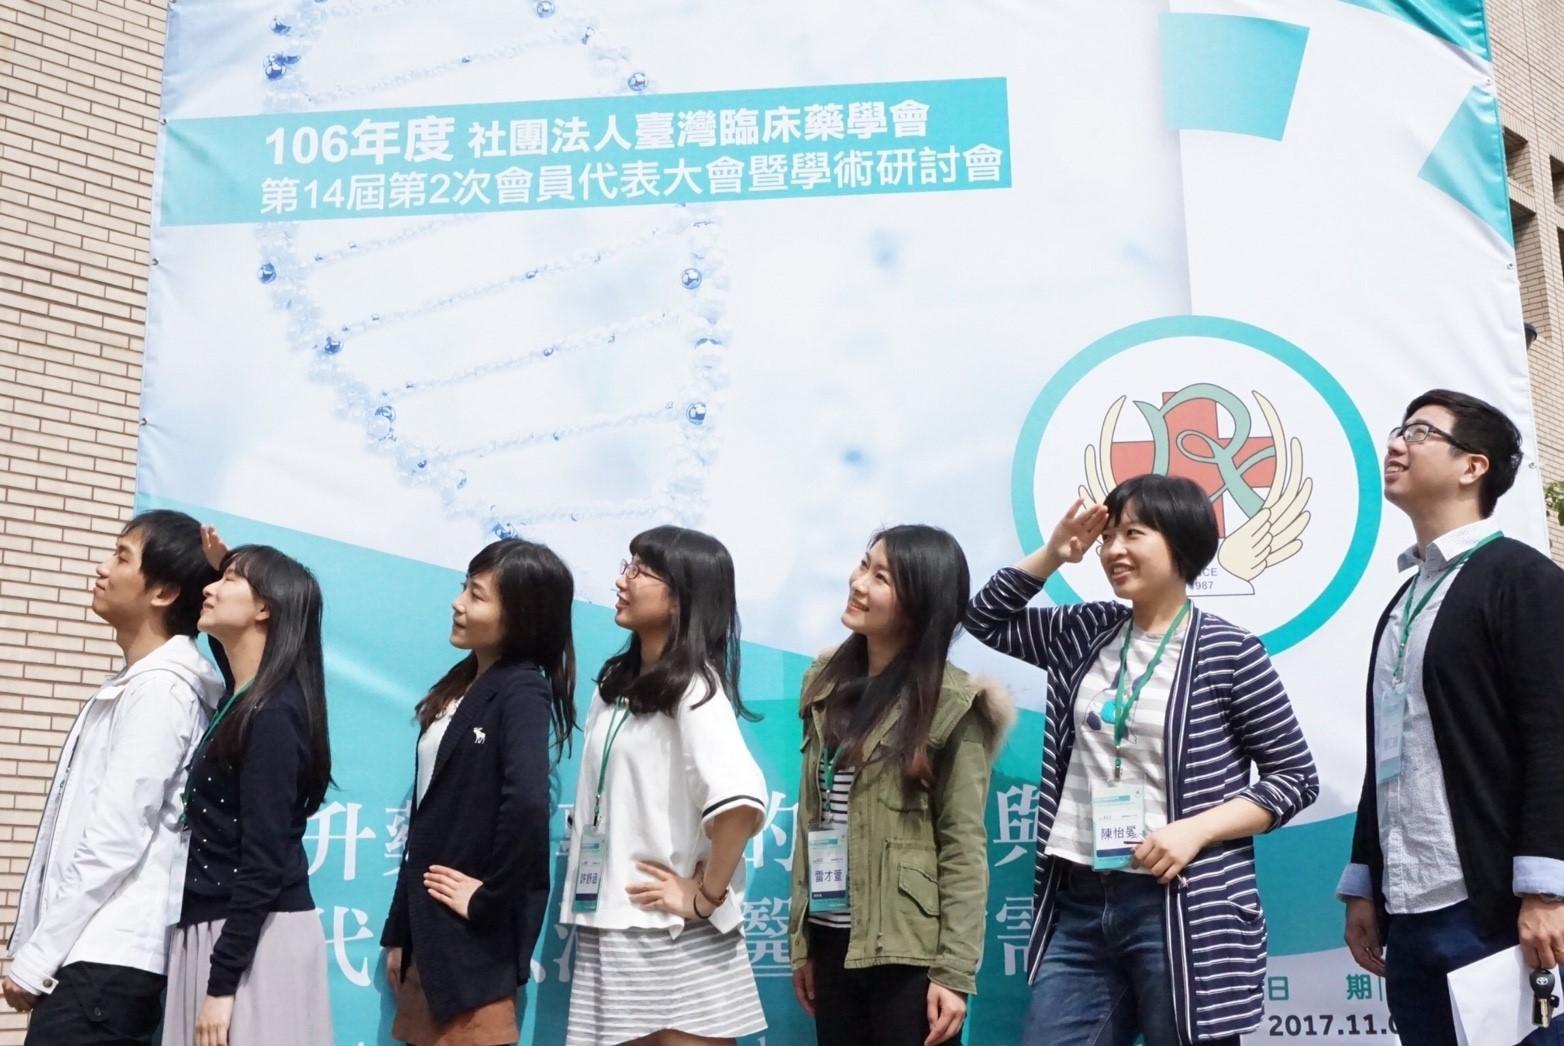 106年第14屆台灣臨床藥學會第2次會員代表大會暨學術研討會合照